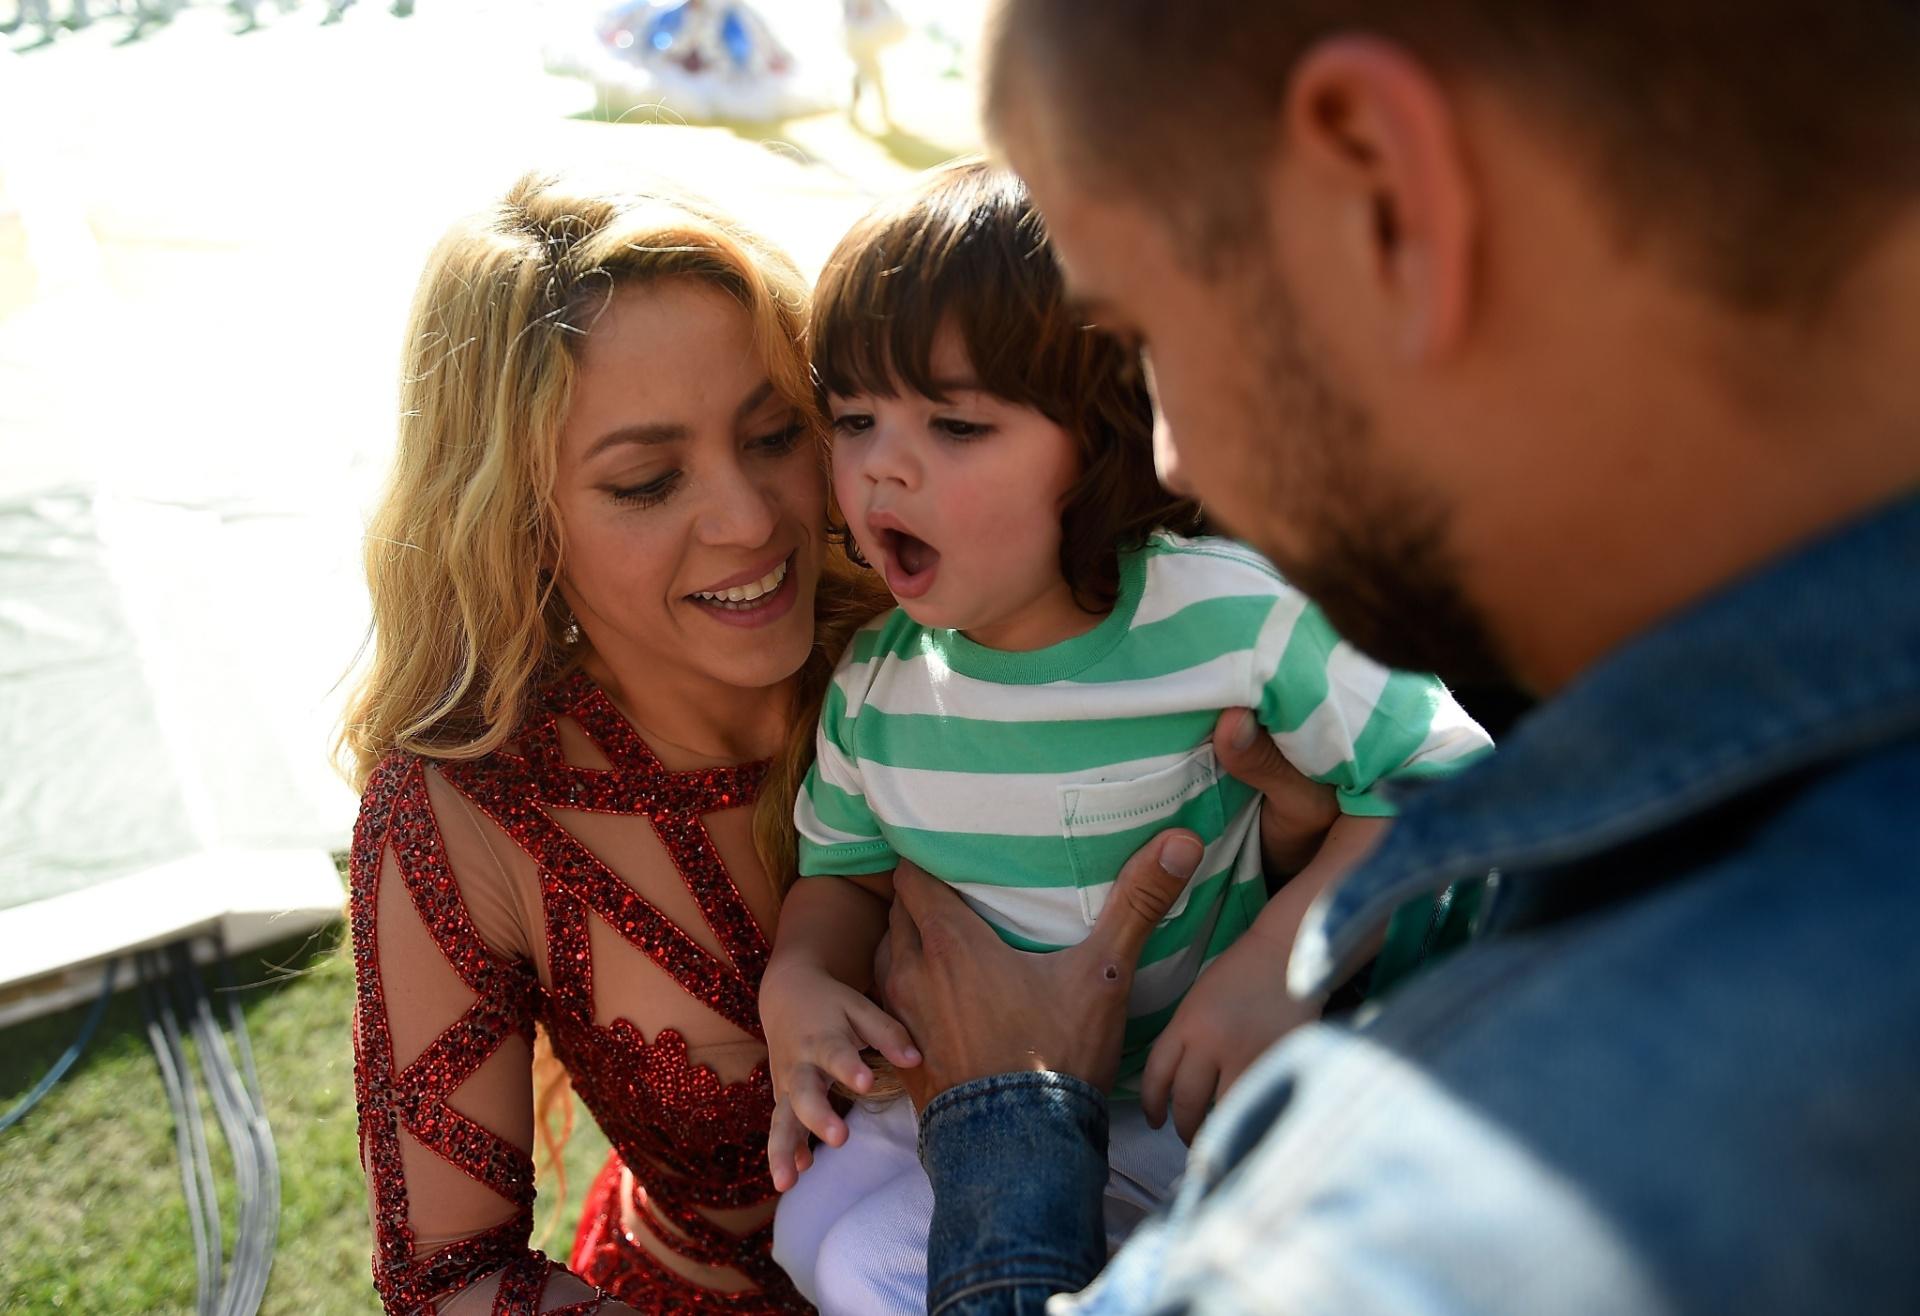 Jogador espanhol Piqué, que é casado com Shakira, entre o filho do casal à cantora durante a cerimônia de encerramento da Copa do Mundo, no Maracanã